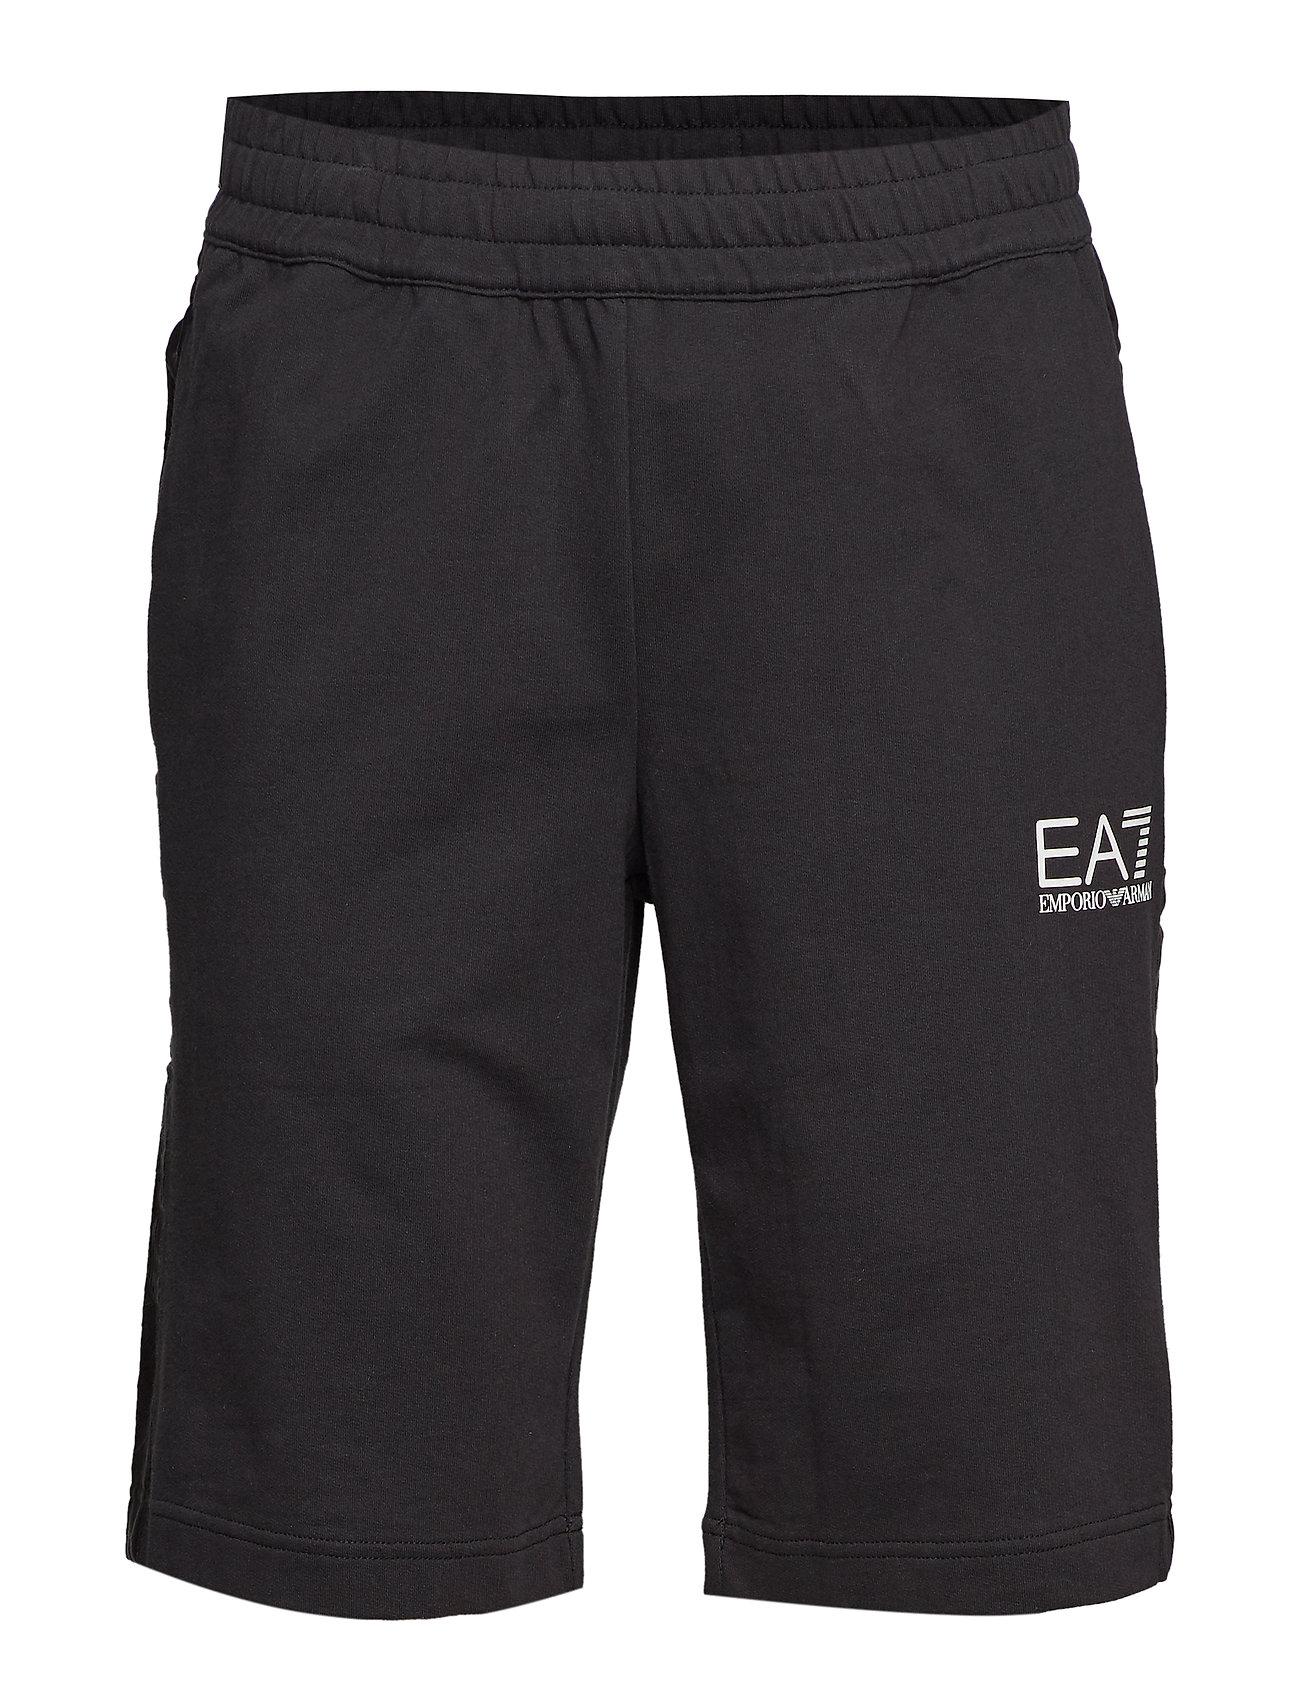 EA7 BERMUDA - BLACK